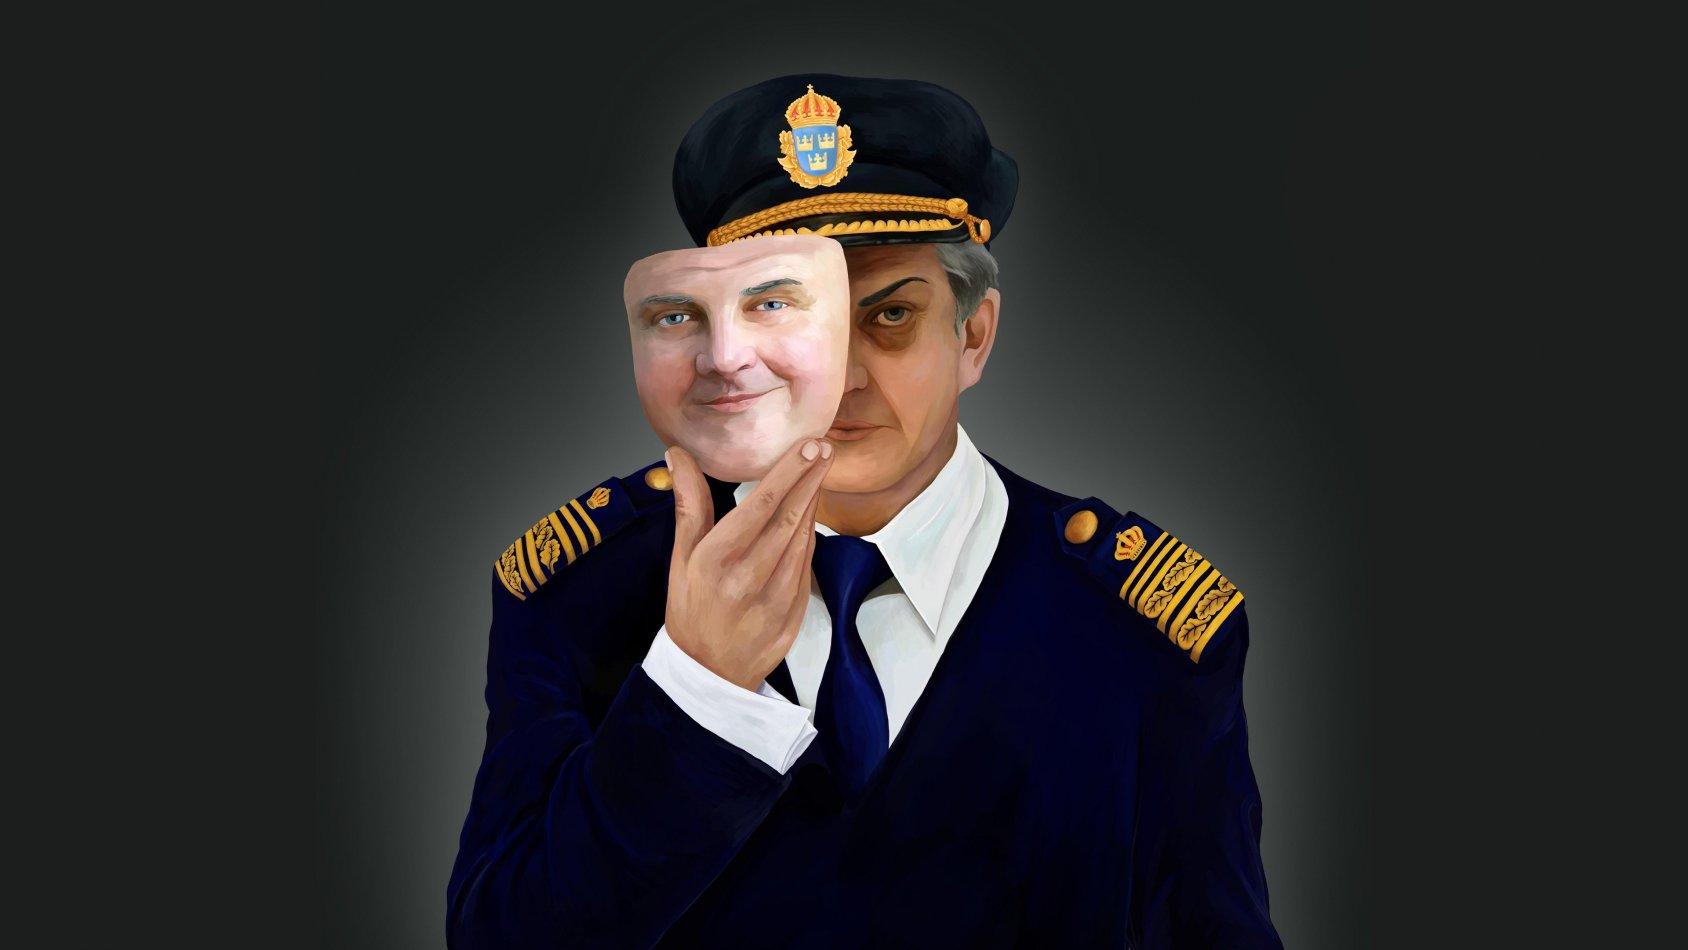 Kapten Klänning - polischef och våldtäktsman